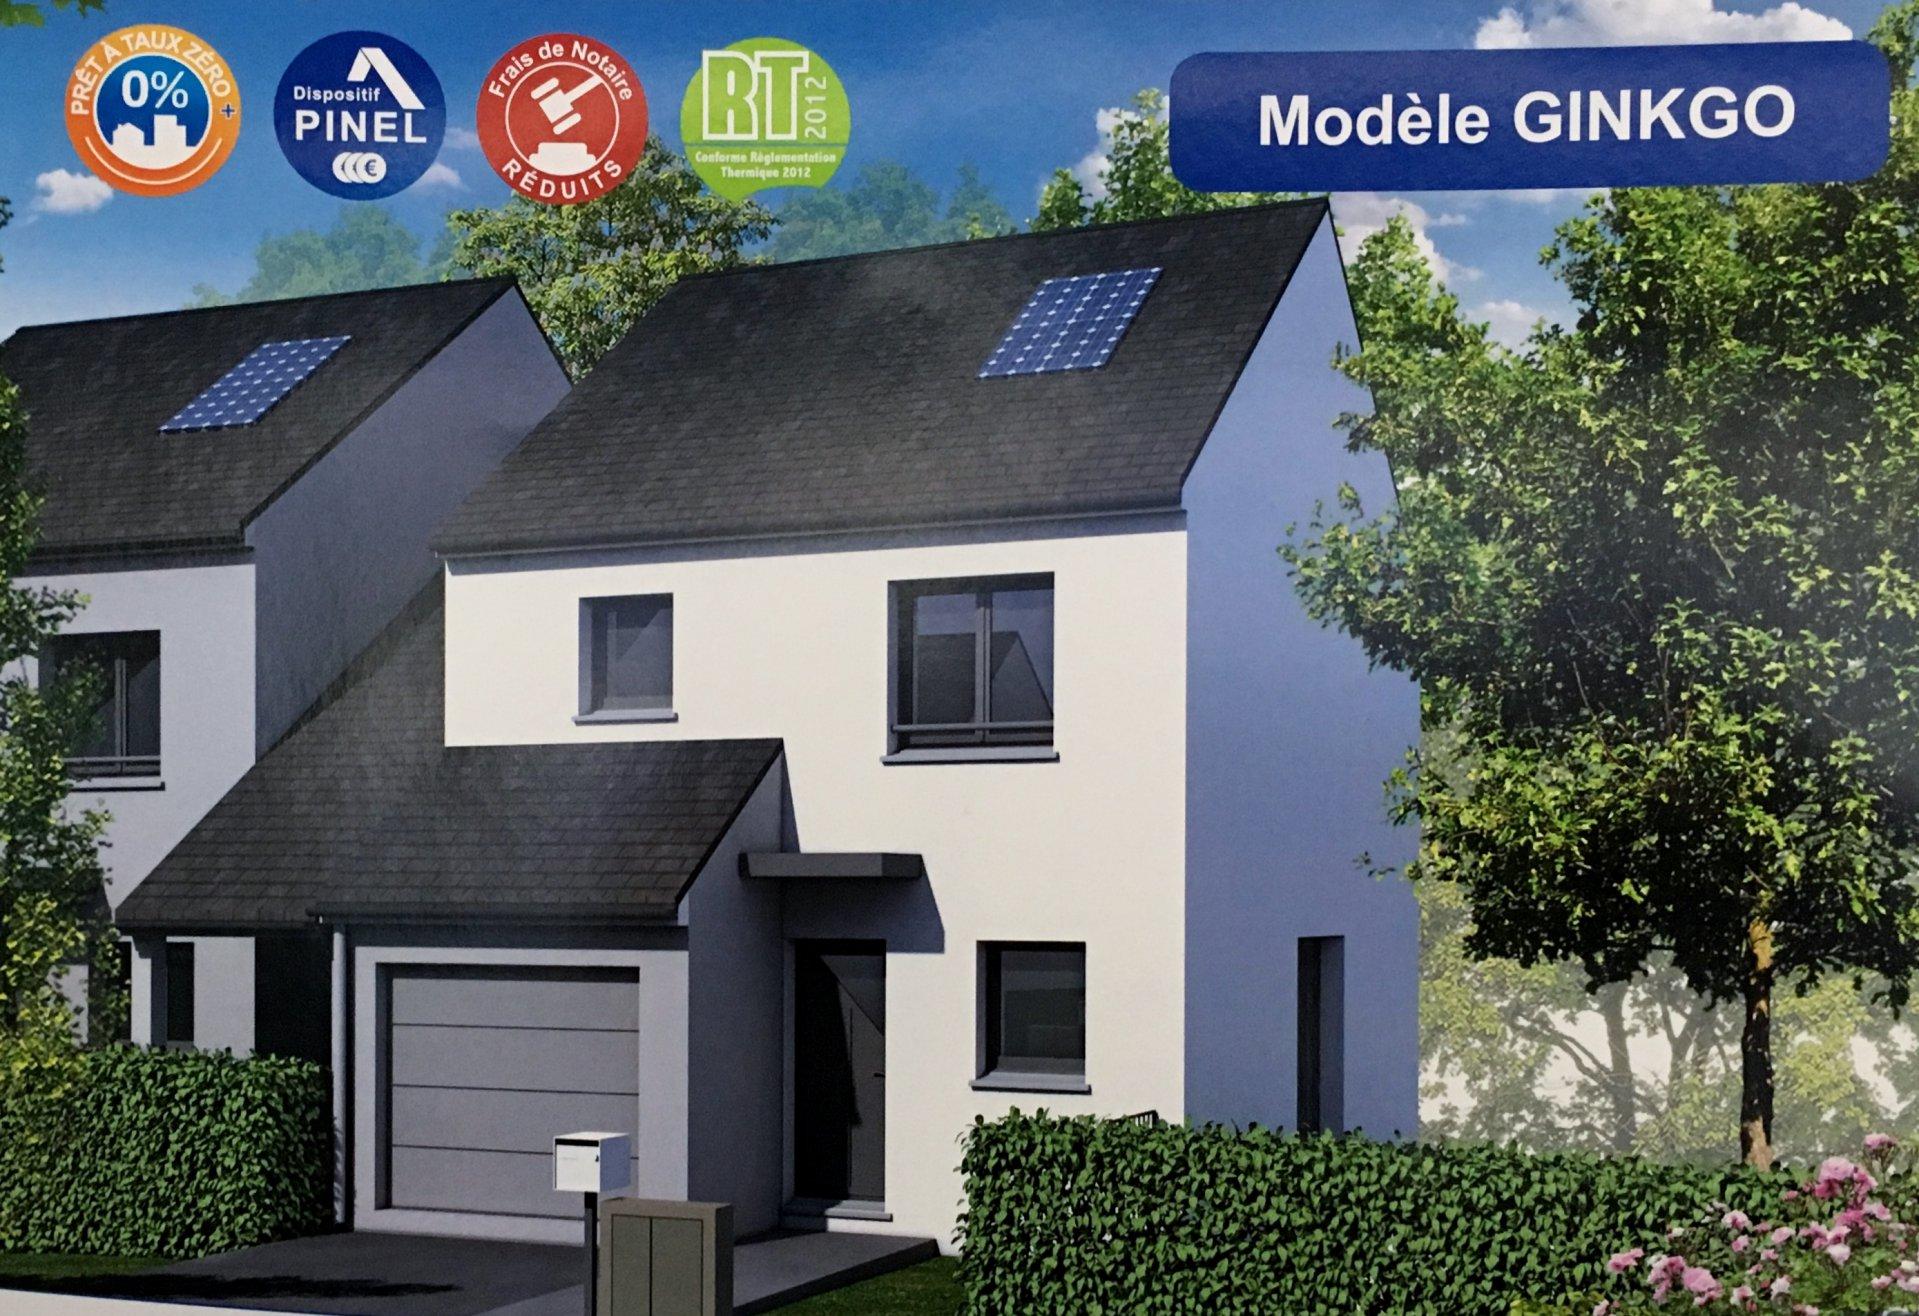 Vente maison 4 pi ces saint nazaire 44600 maguy immobilier - Garage renault saint nazaire 44600 ...